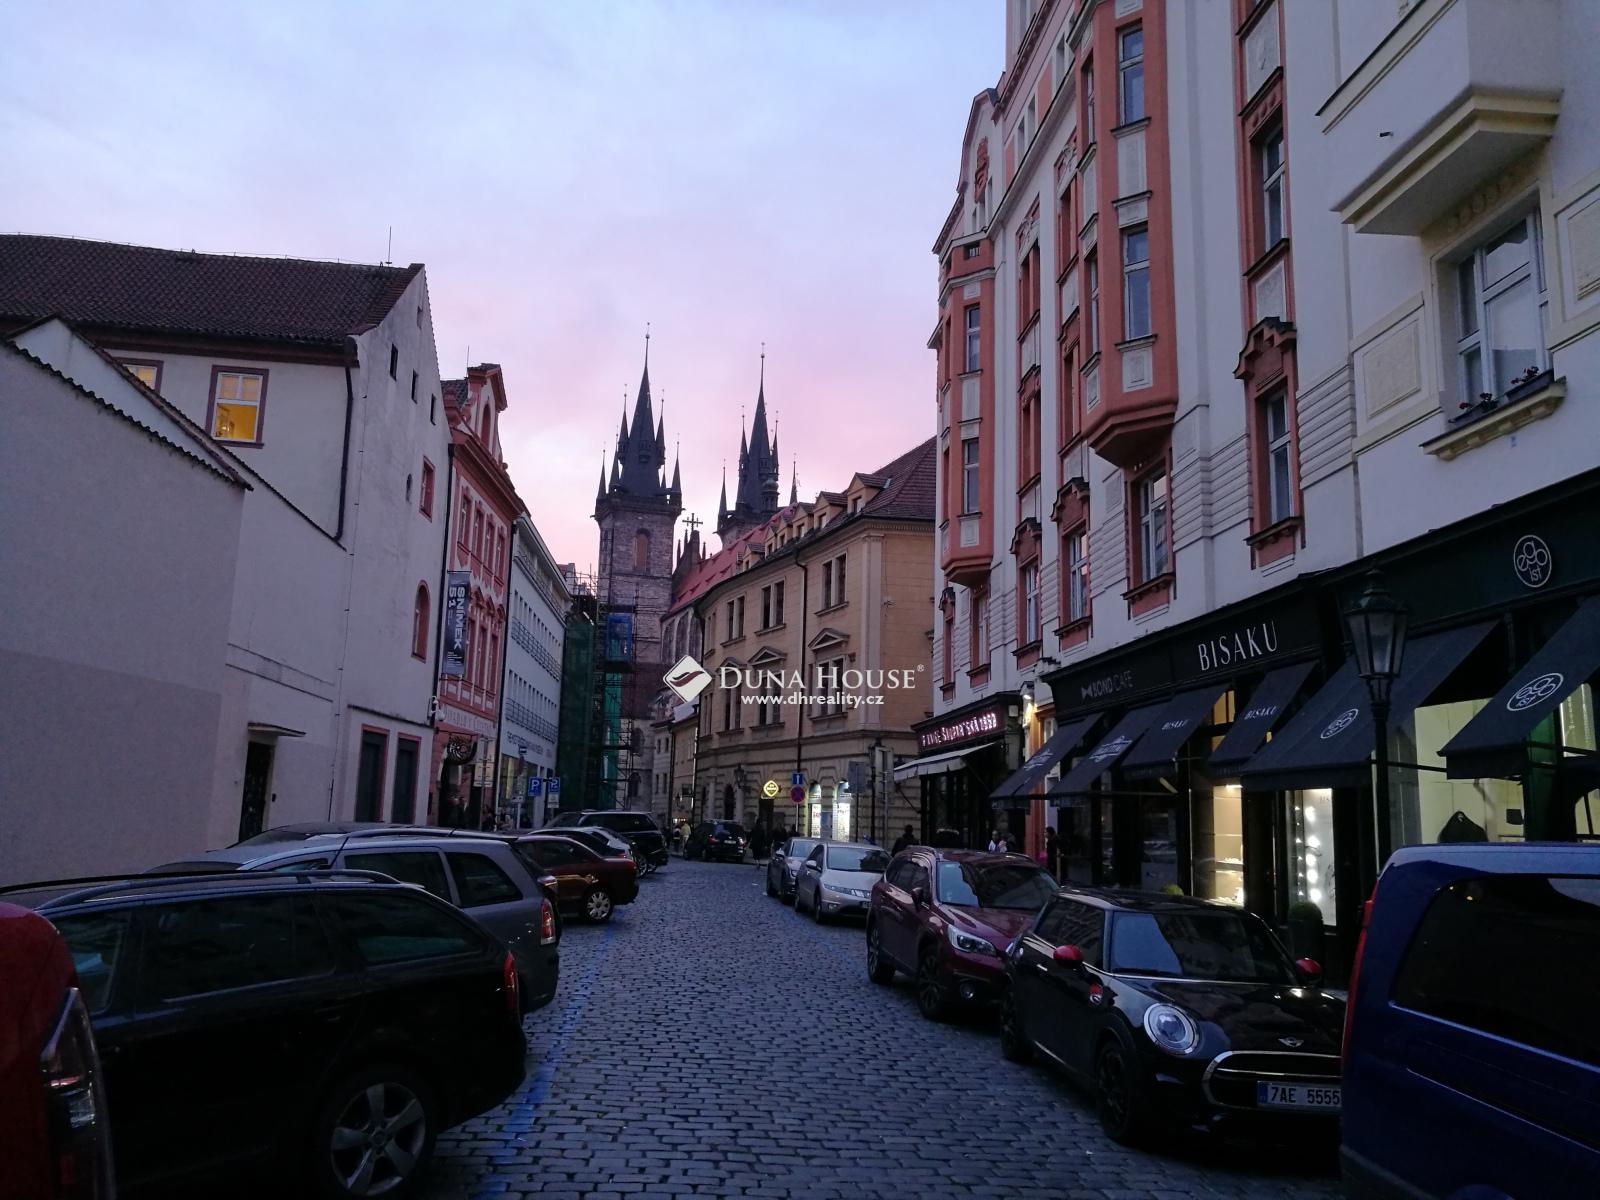 Pronájem bytu, Štupartská, Praha 1 Staré Město